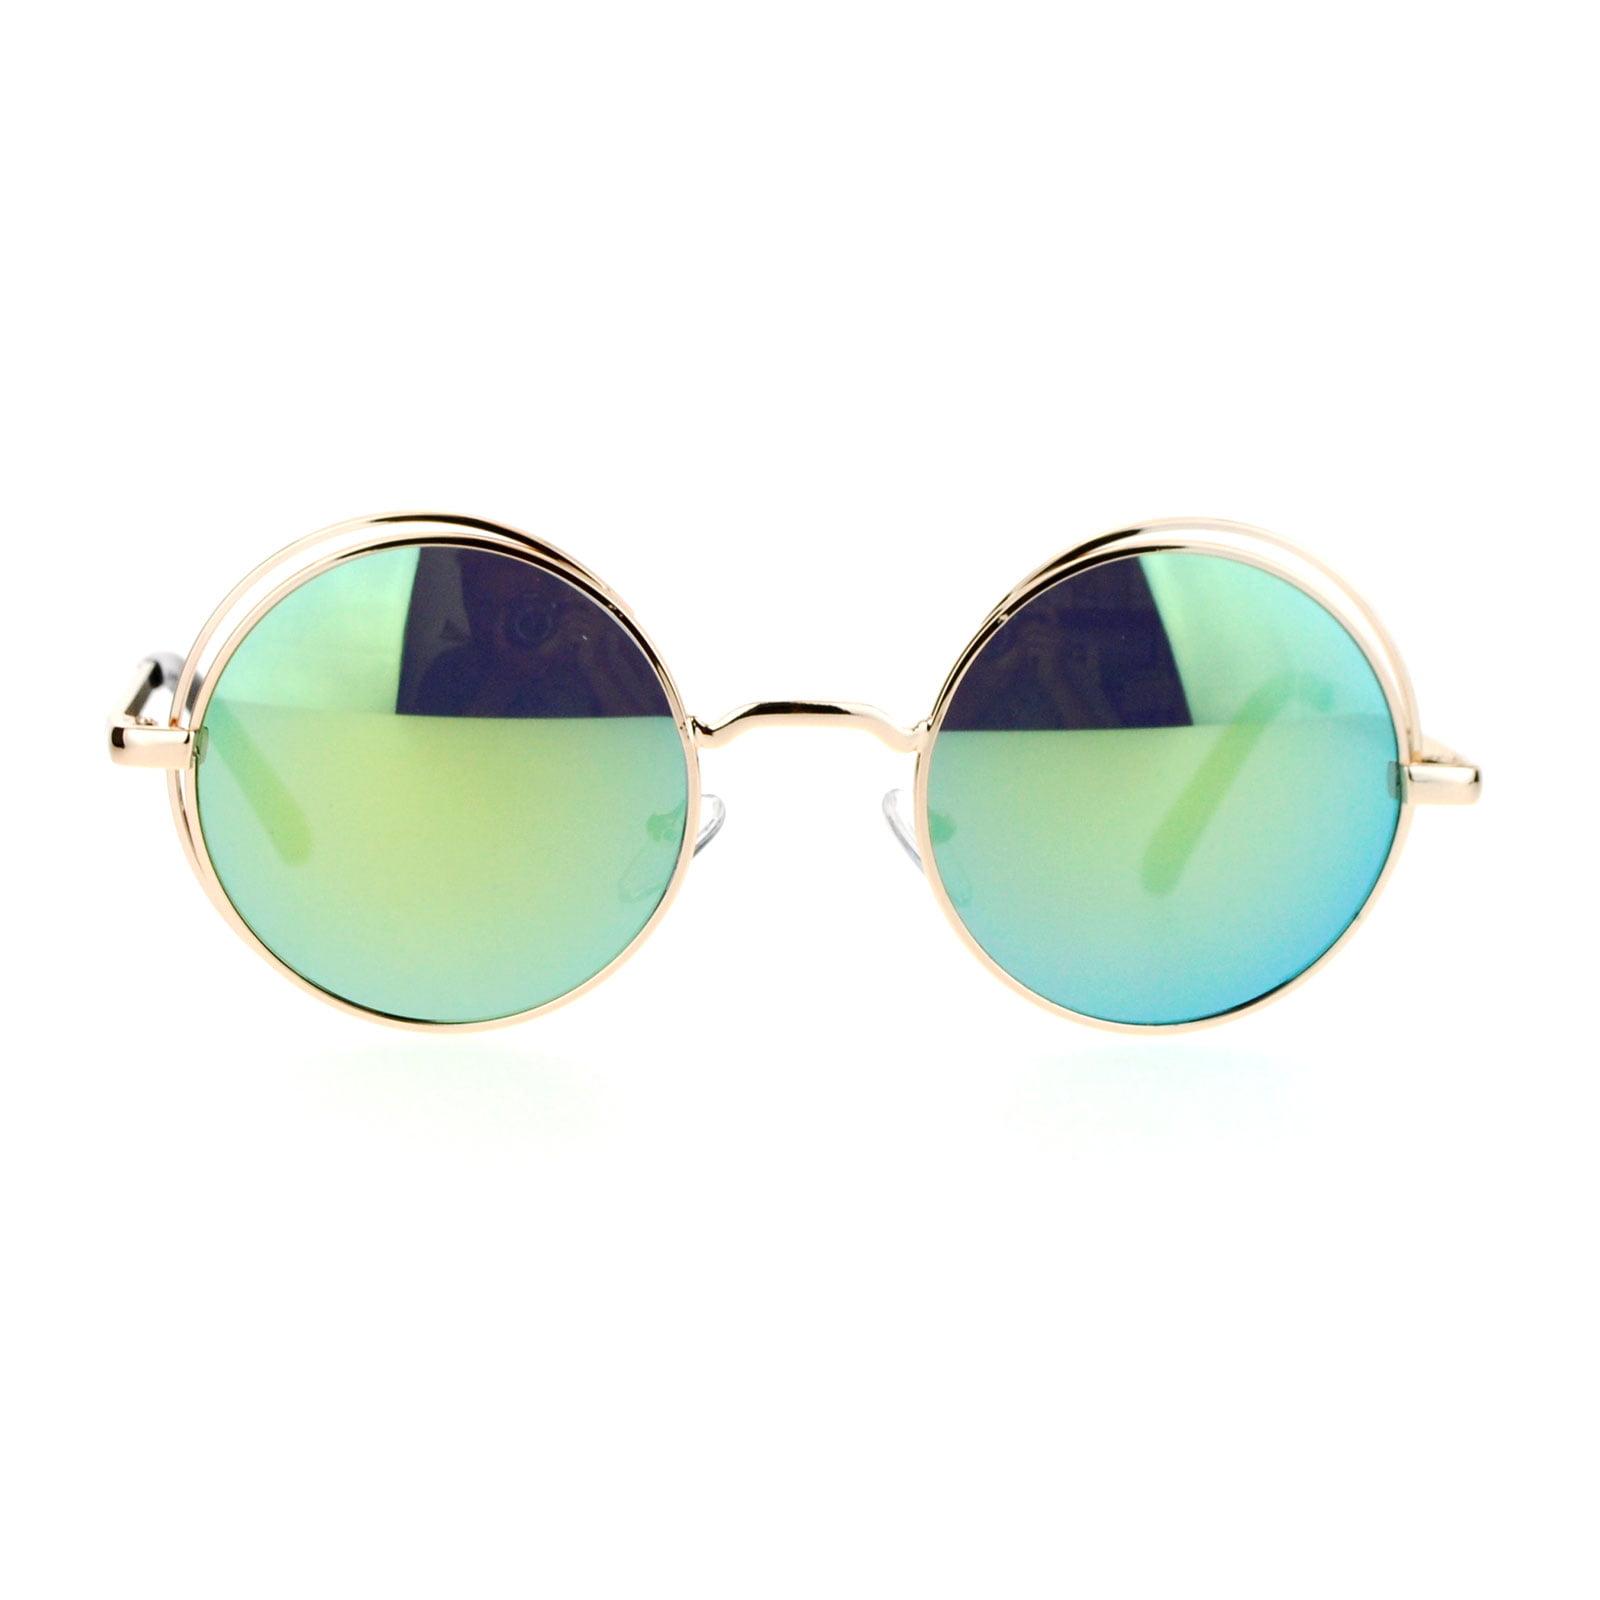 effc7bcc12d SA106 - SA106 Mirrored Mirror Round Circle Len Double Rim Sunglasses Silver  Mirror - Walmart.com